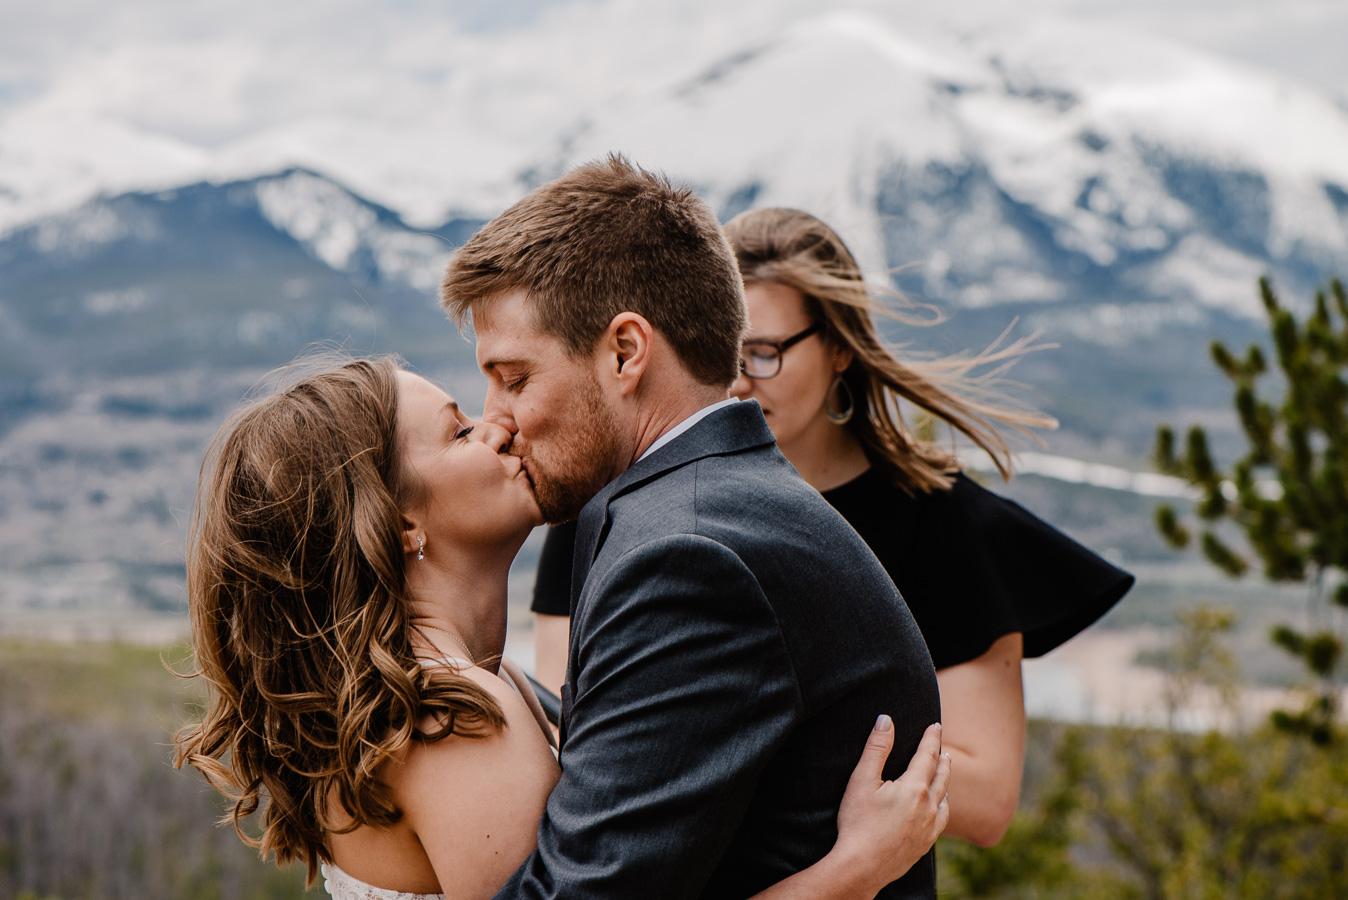 01-Sapphire-Point-Wedding-Photos-Aubrey&Gabe-Colorado-Mountain-Elopement-Photos-154.jpg